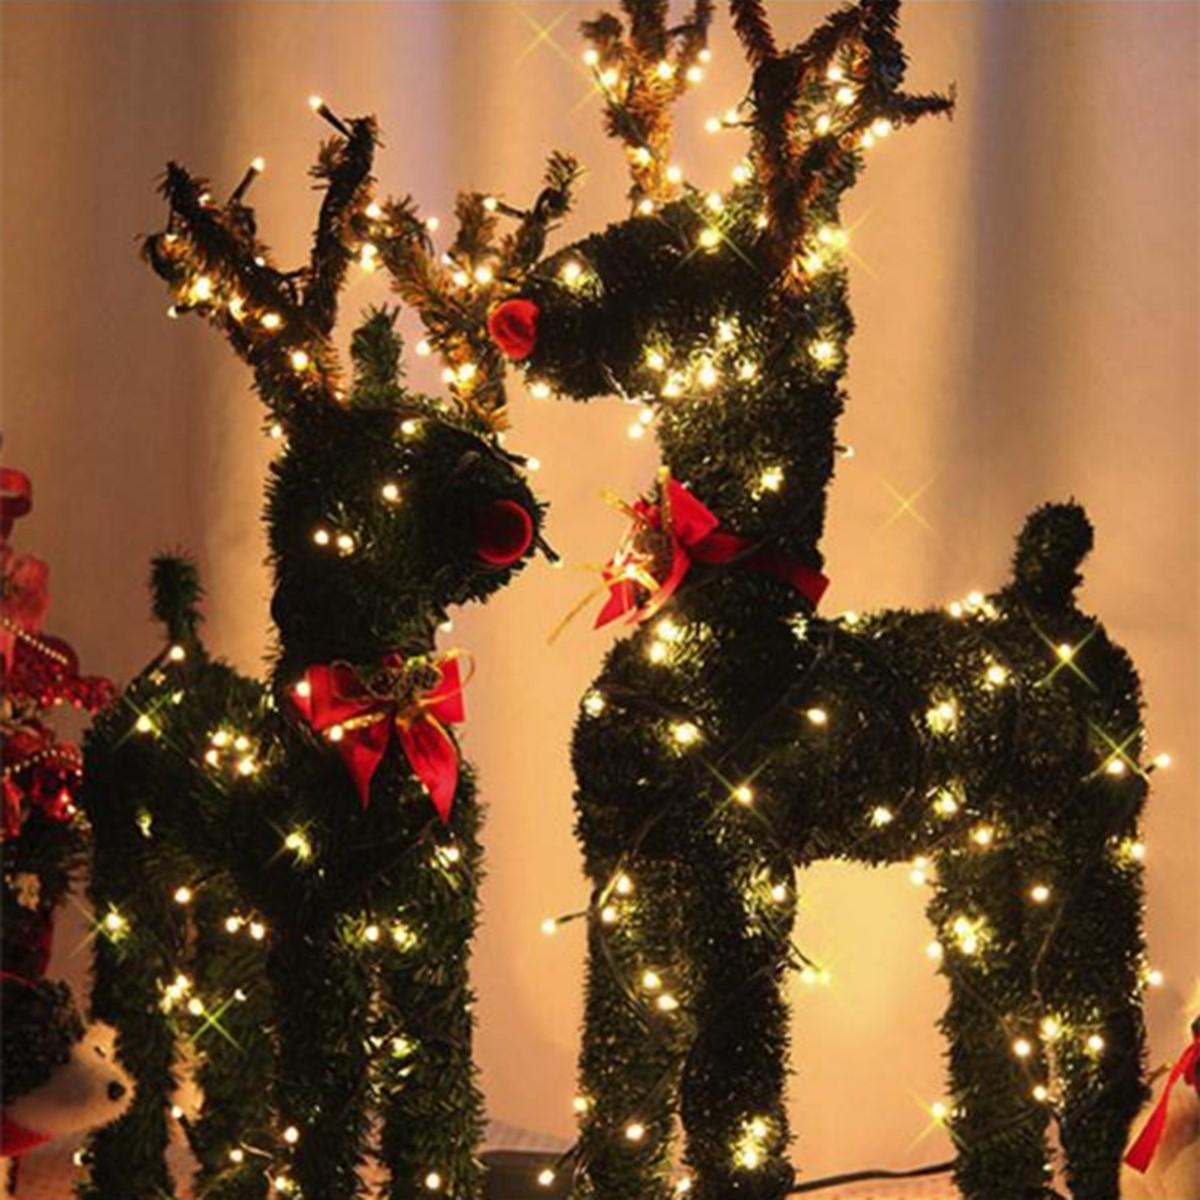 Décoration de Noël en plein air avec des rennes brillants.